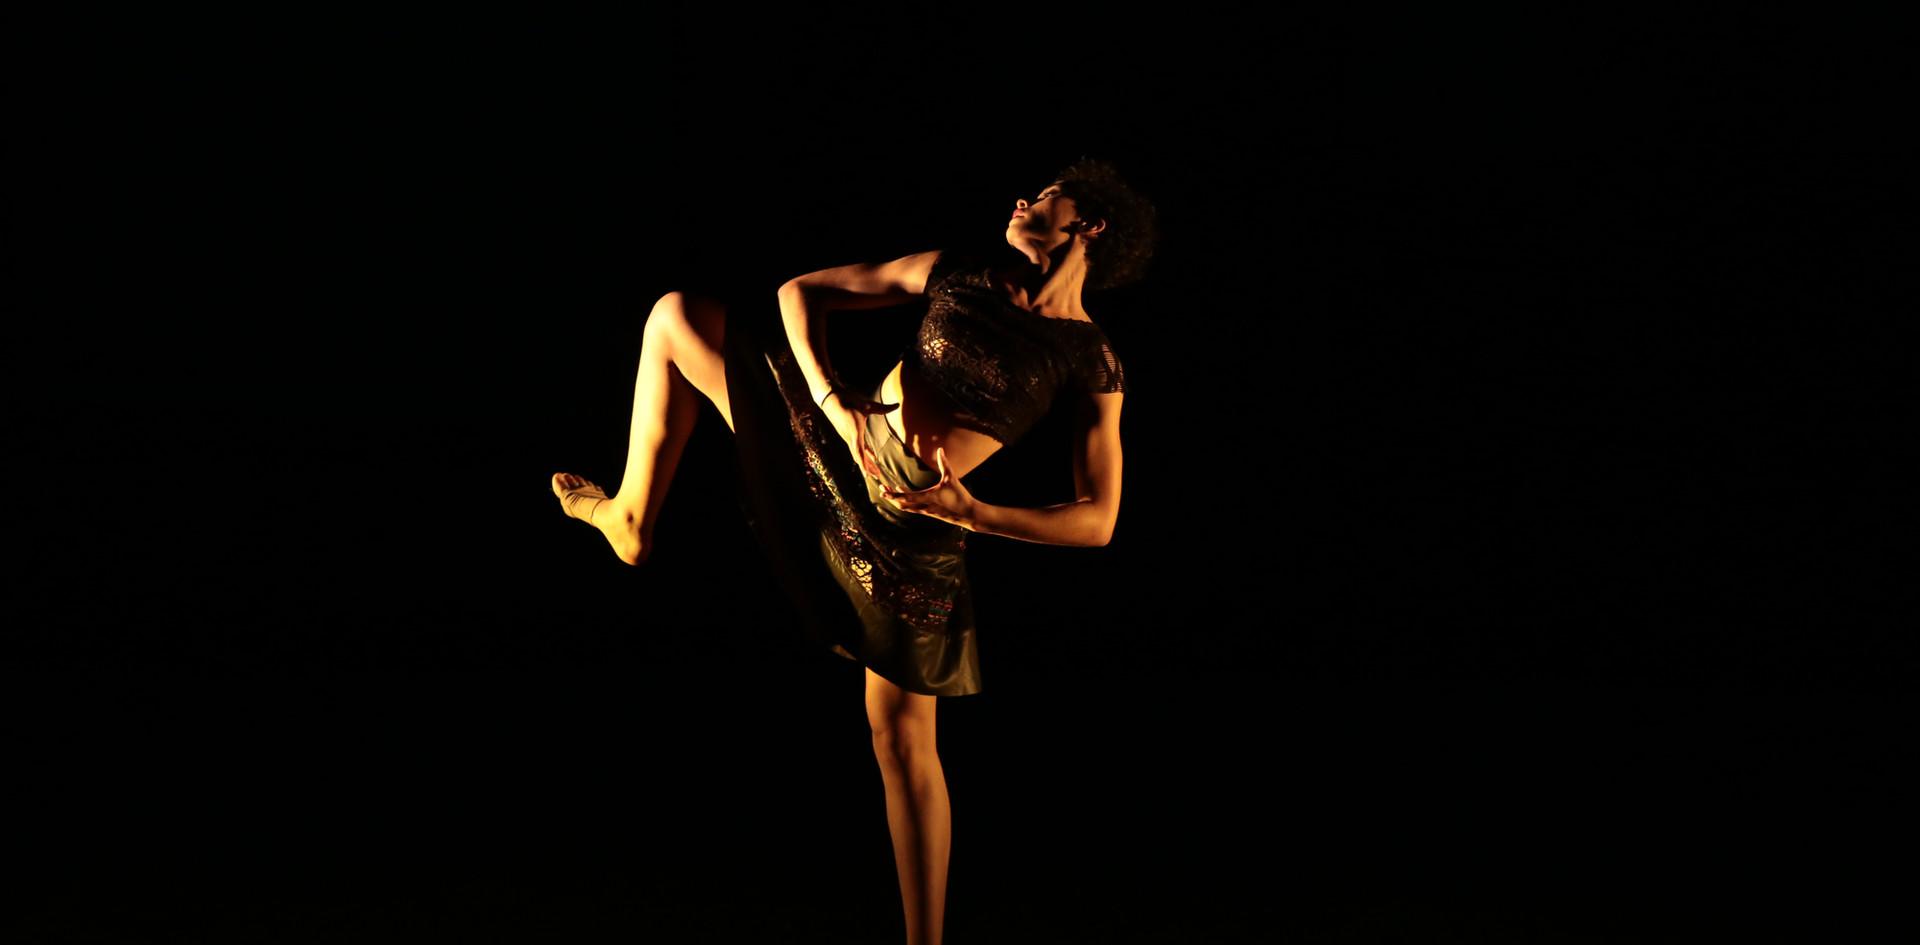 melhor-coreografo-lucas-martinelli.JPG